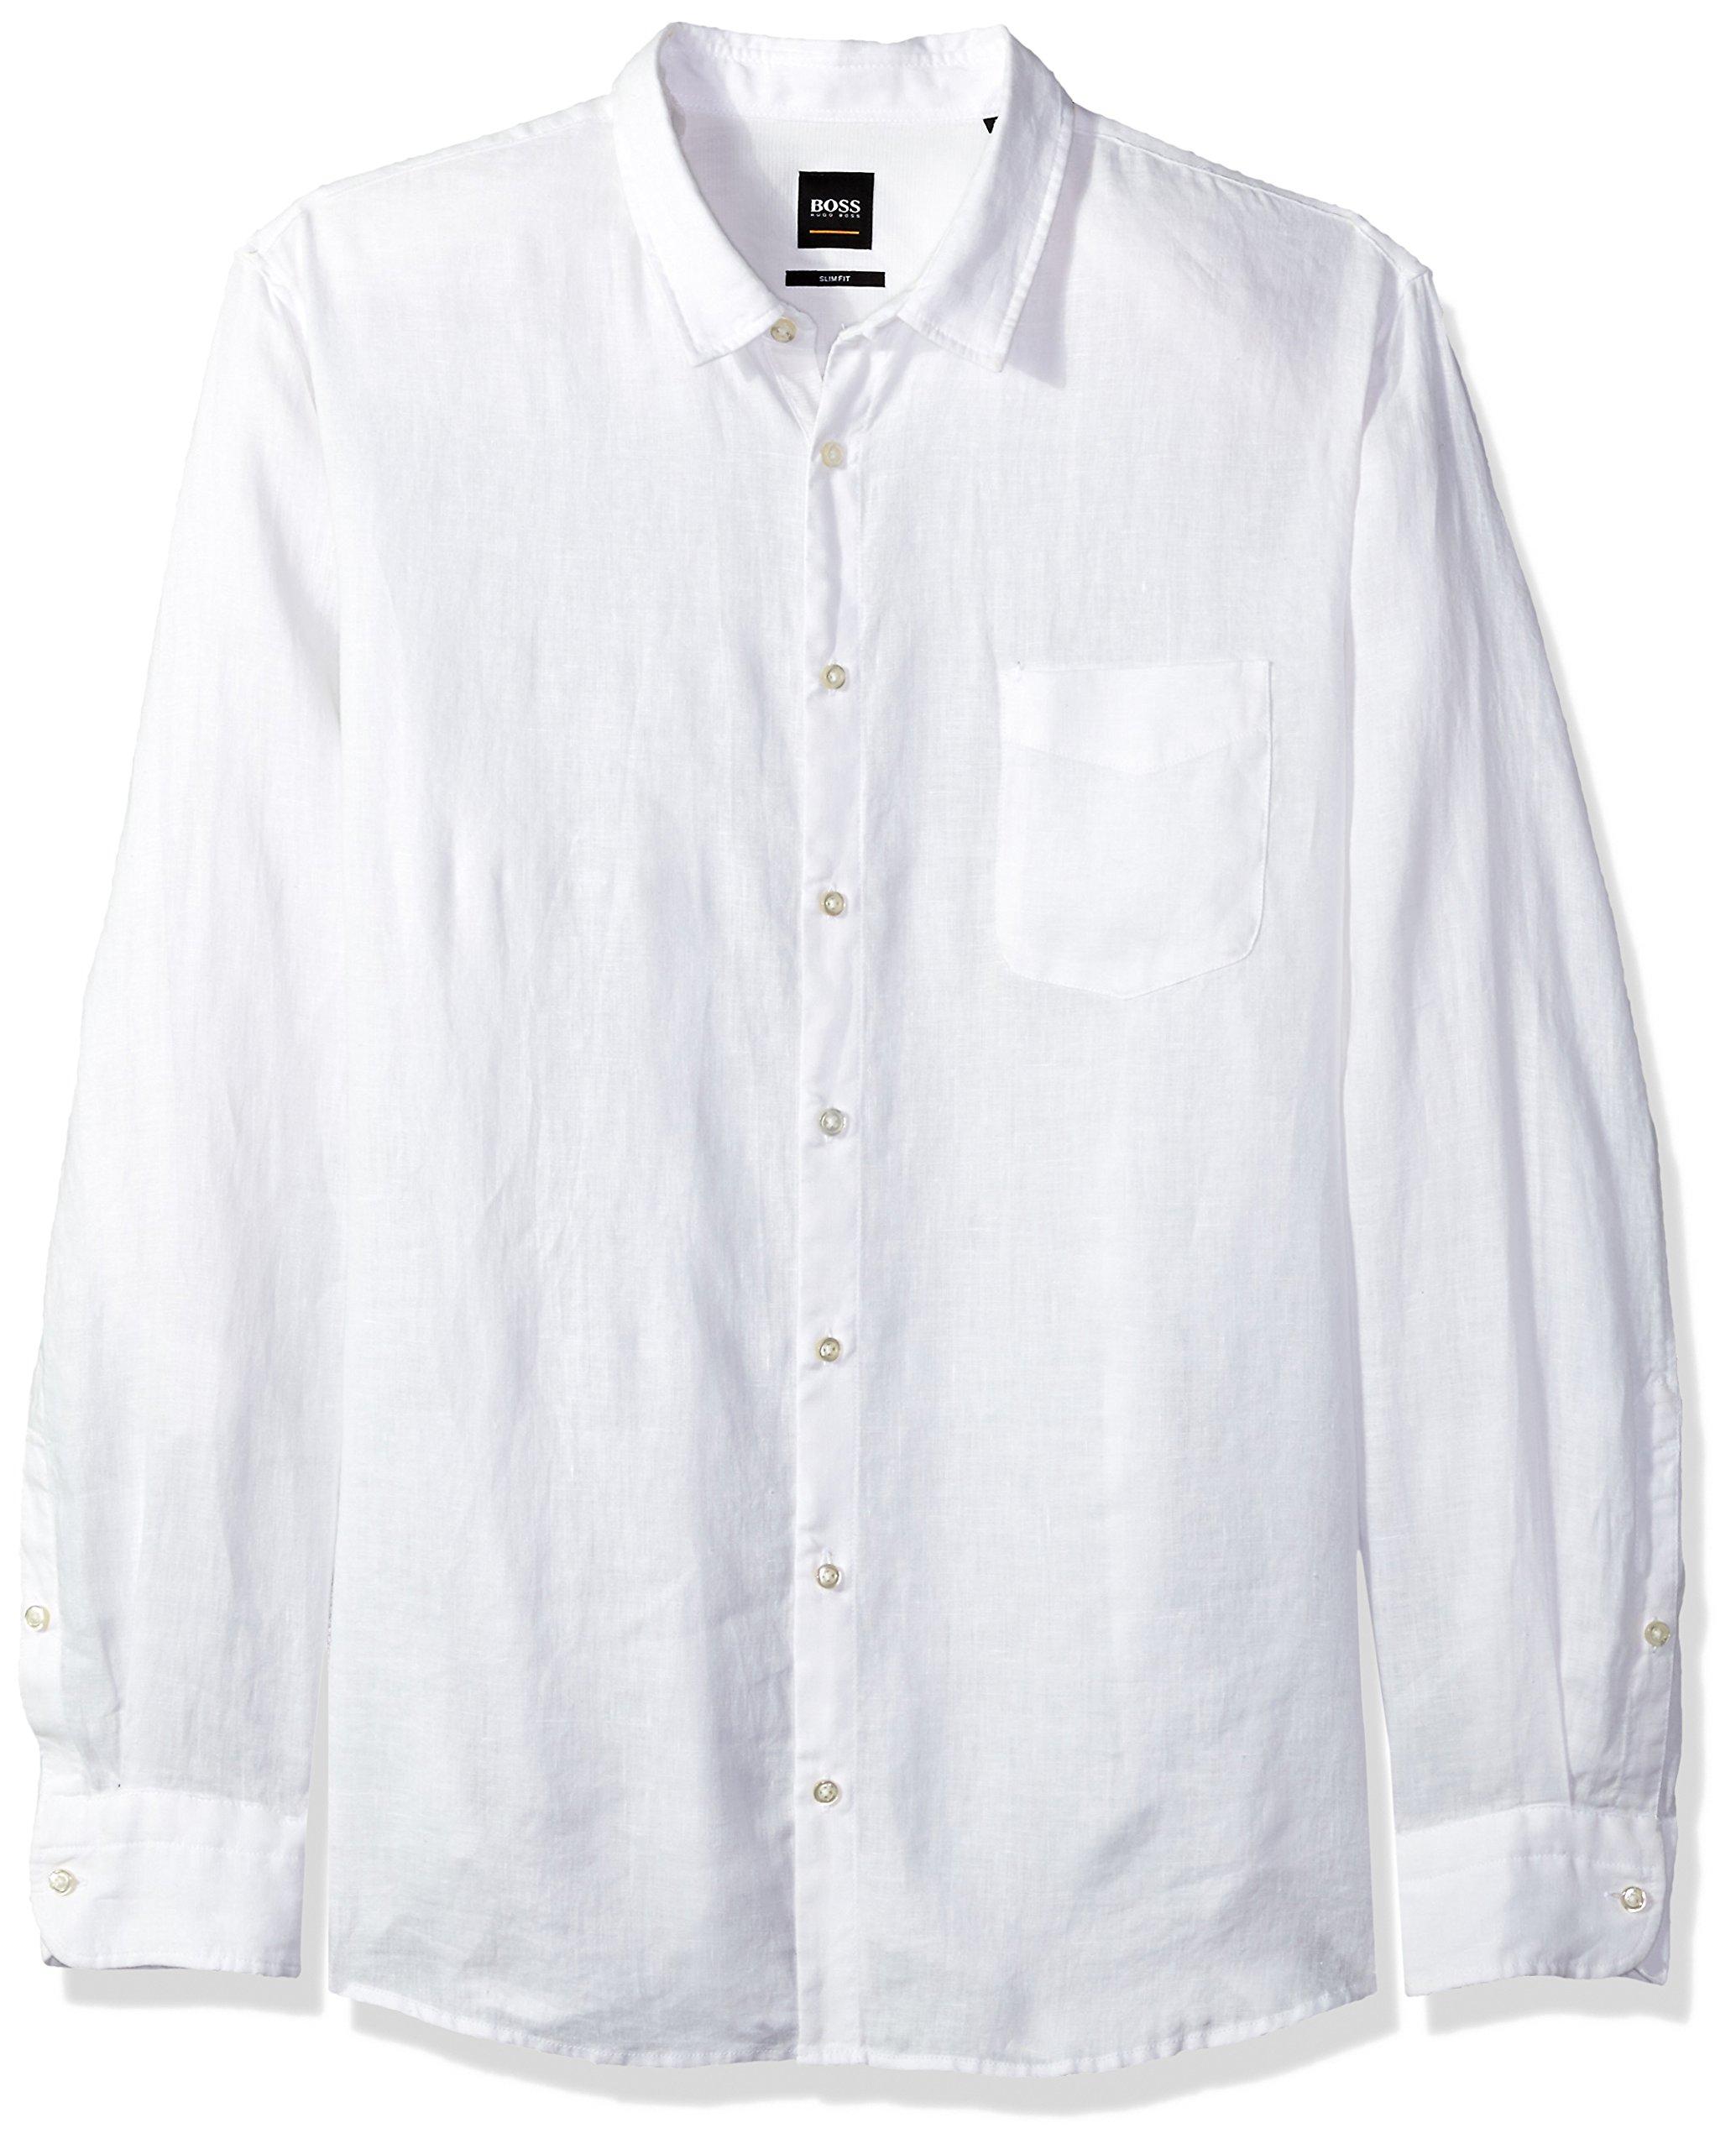 Hugo Boss Boss Orange Men's Long Sleeve Garment Dyed Linen Shirt, White, XXL